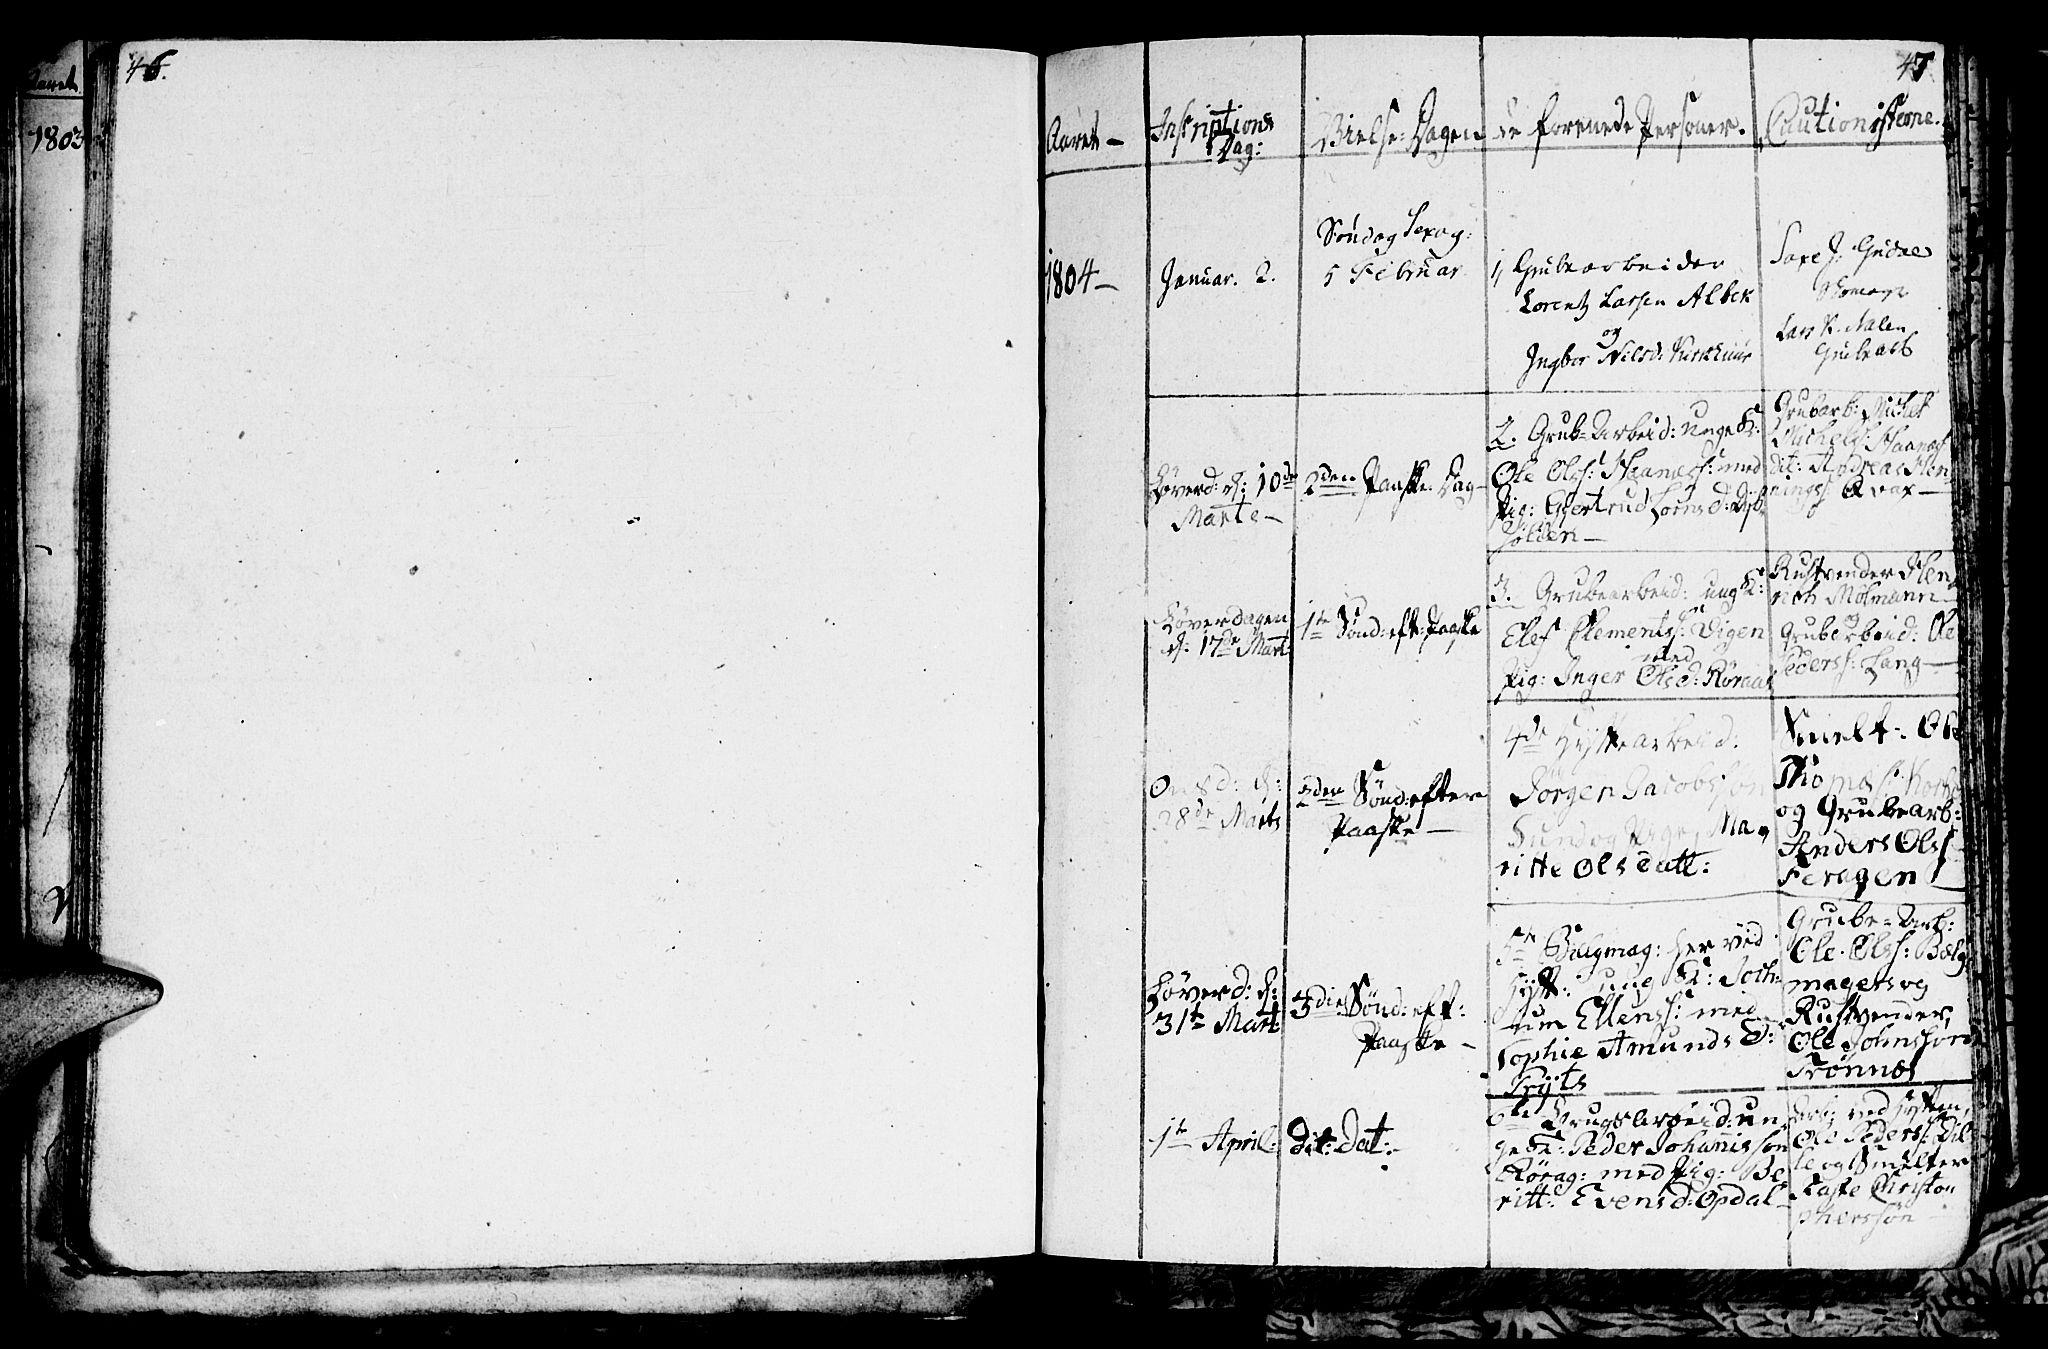 SAT, Ministerialprotokoller, klokkerbøker og fødselsregistre - Sør-Trøndelag, 681/L0937: Klokkerbok nr. 681C01, 1798-1810, s. 46-47